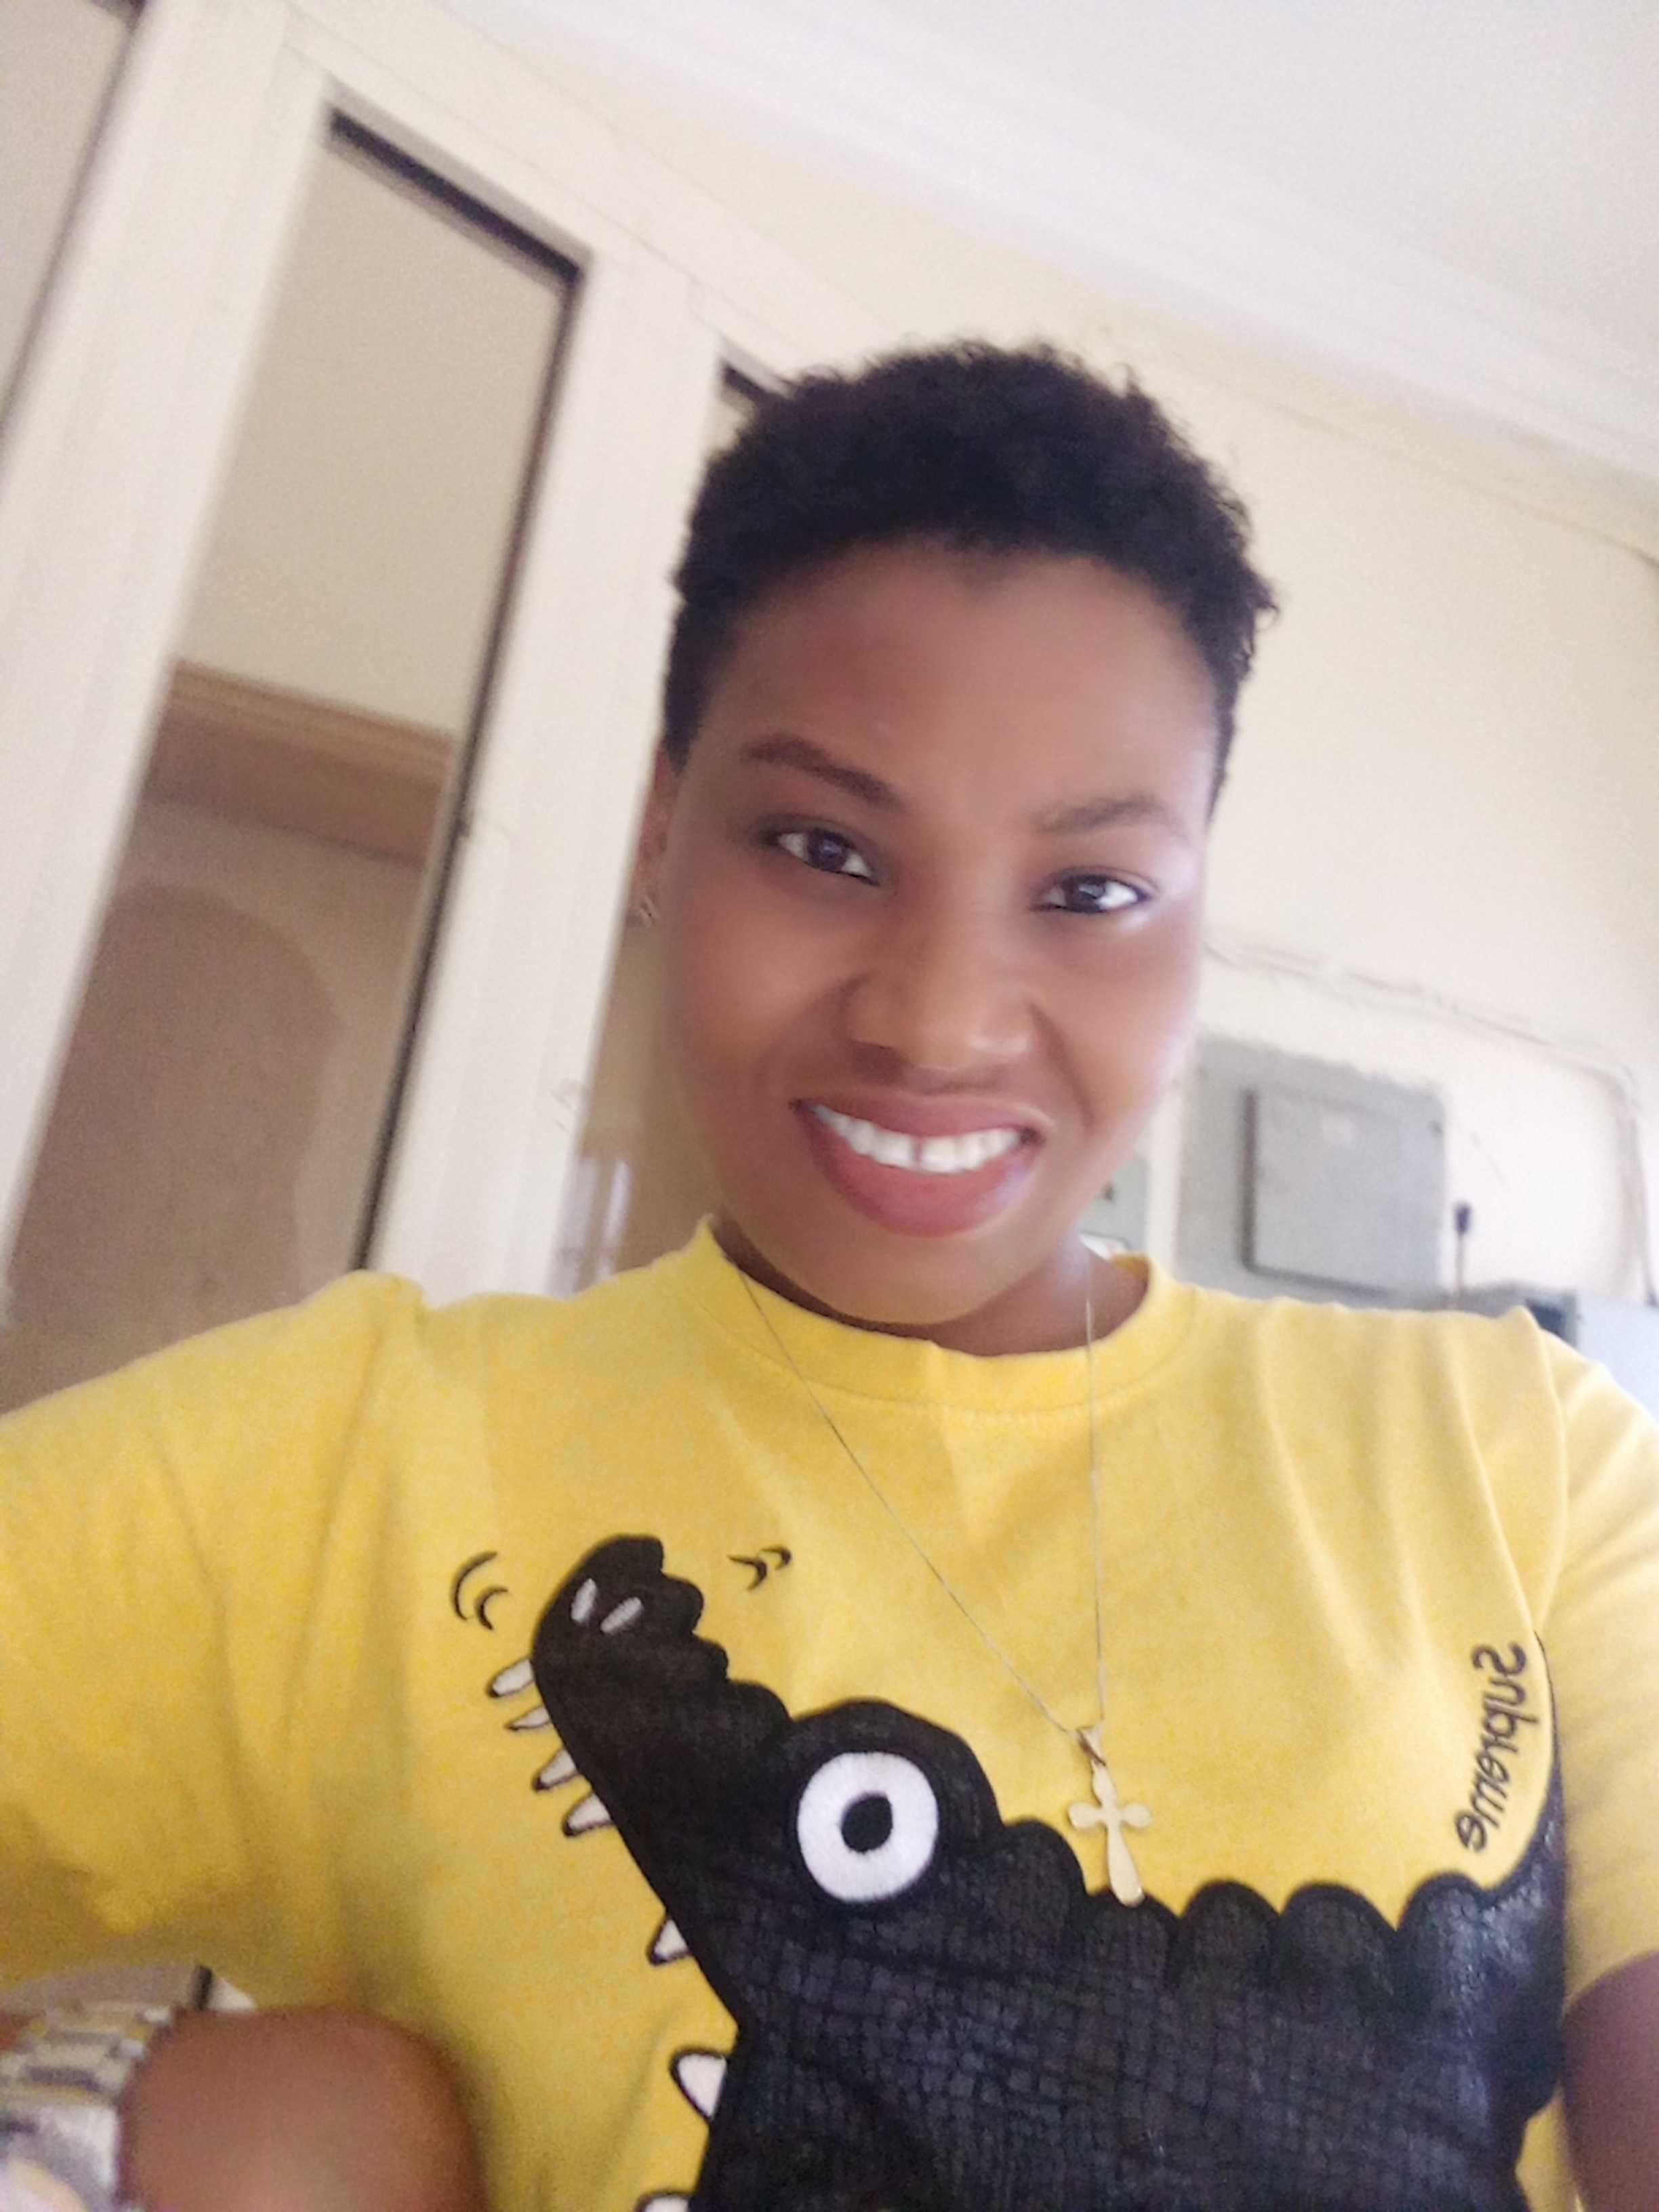 Florish Oforji